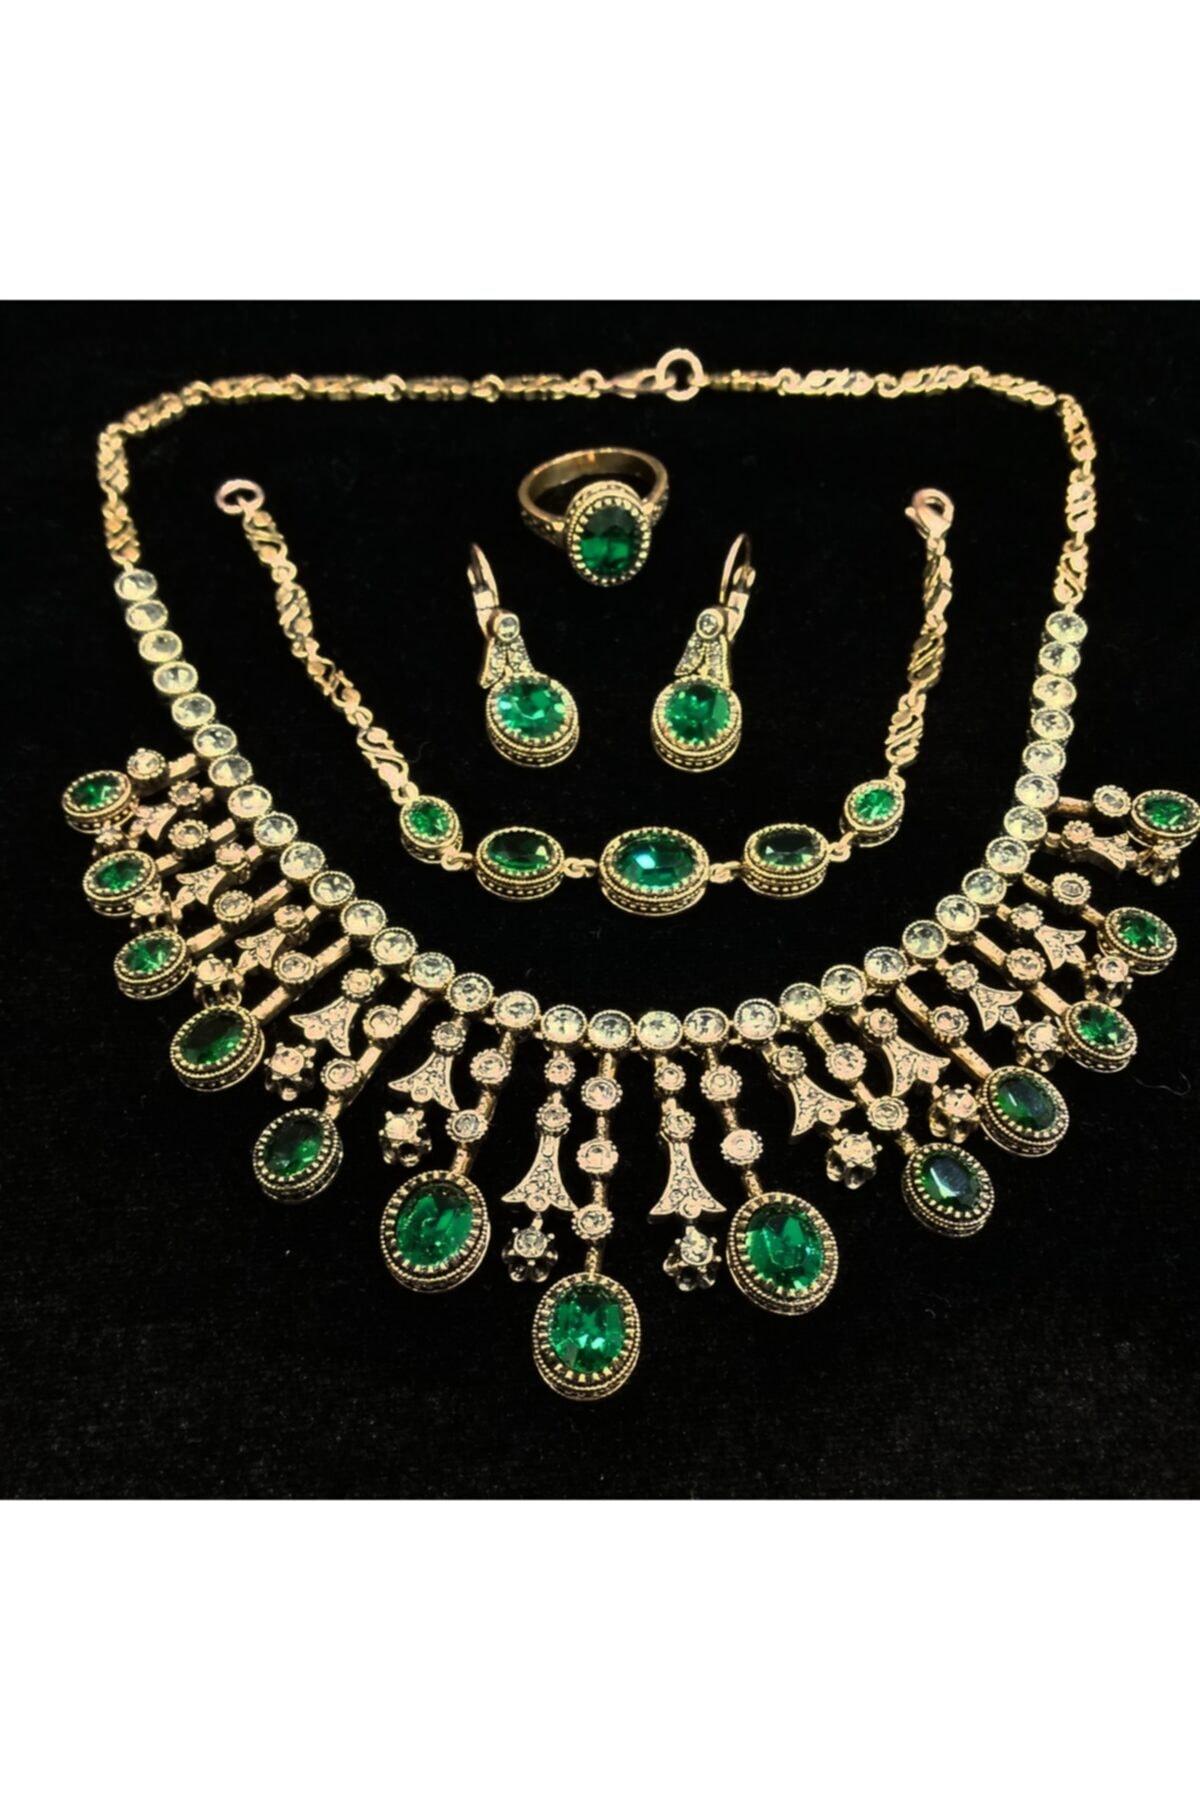 المرأة مجوهرات الأزياء الزمرد ستوني الماس شنت المختنق أقراط خاتم معصمه مجموعات الحبيب هدية